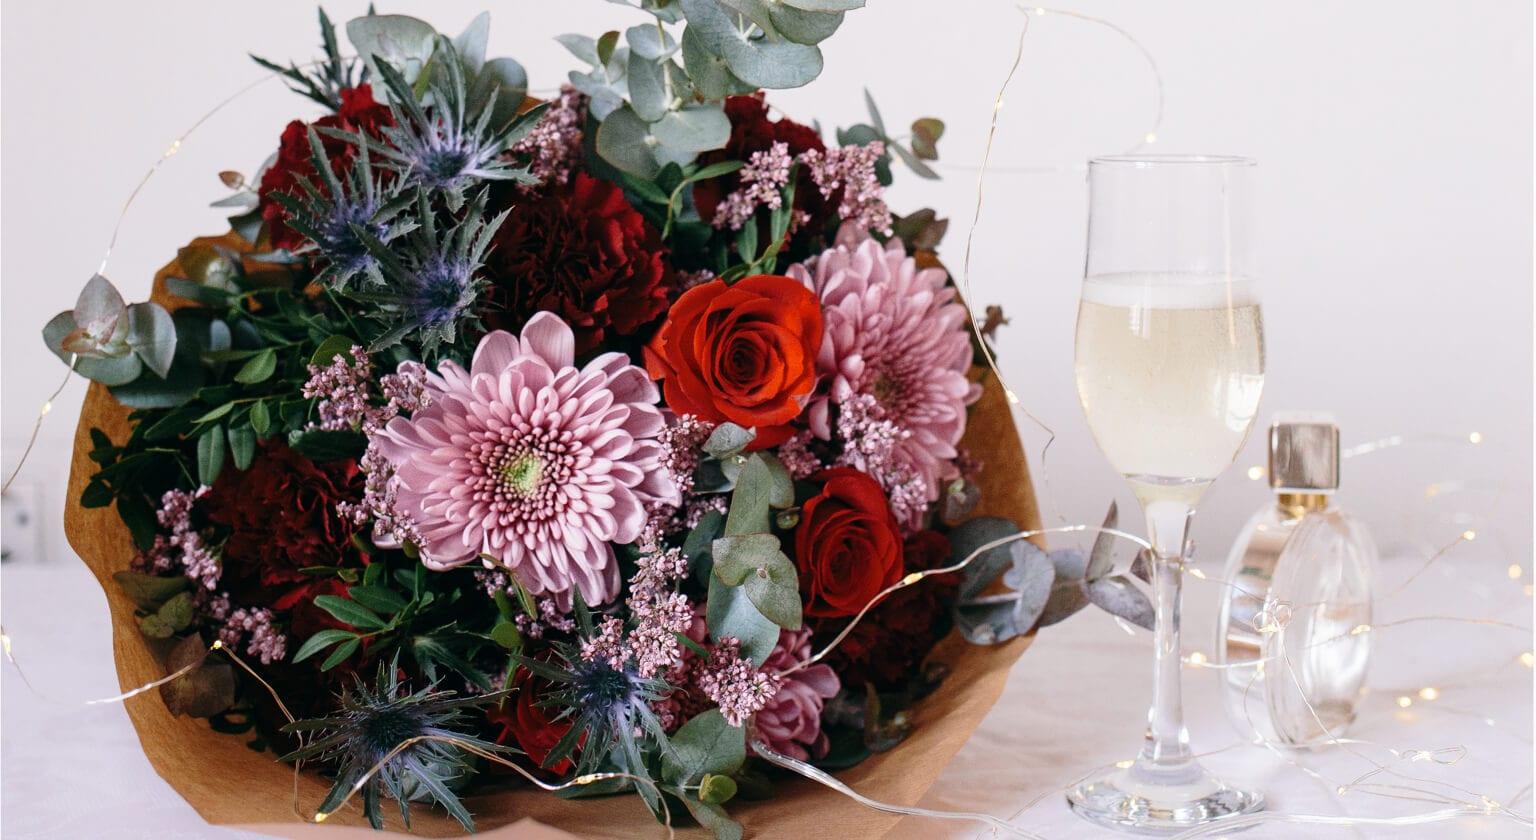 flores colvin dia dos namorados